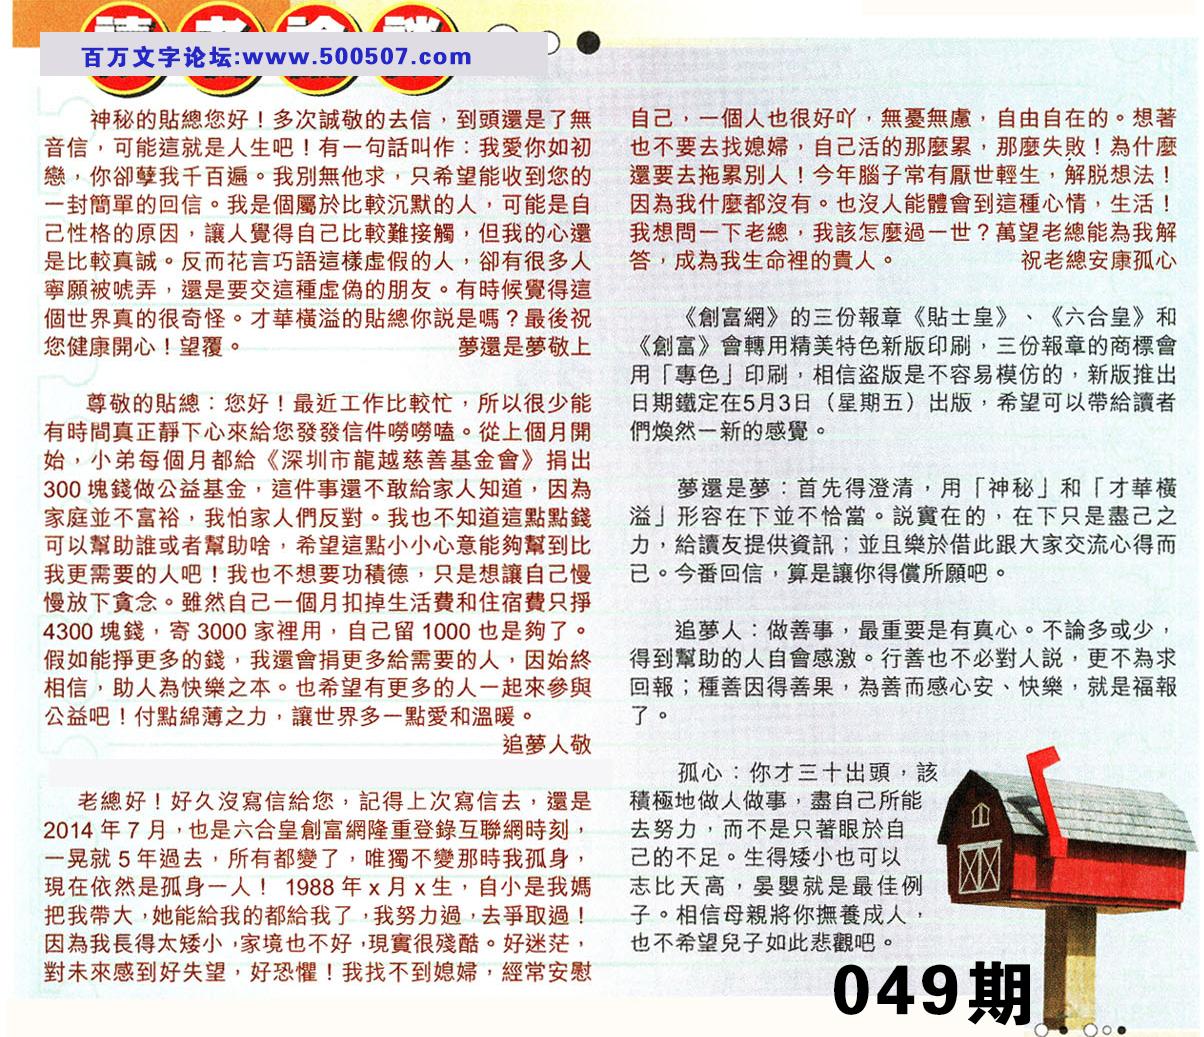 049期:彩民推荐�N信�x者���